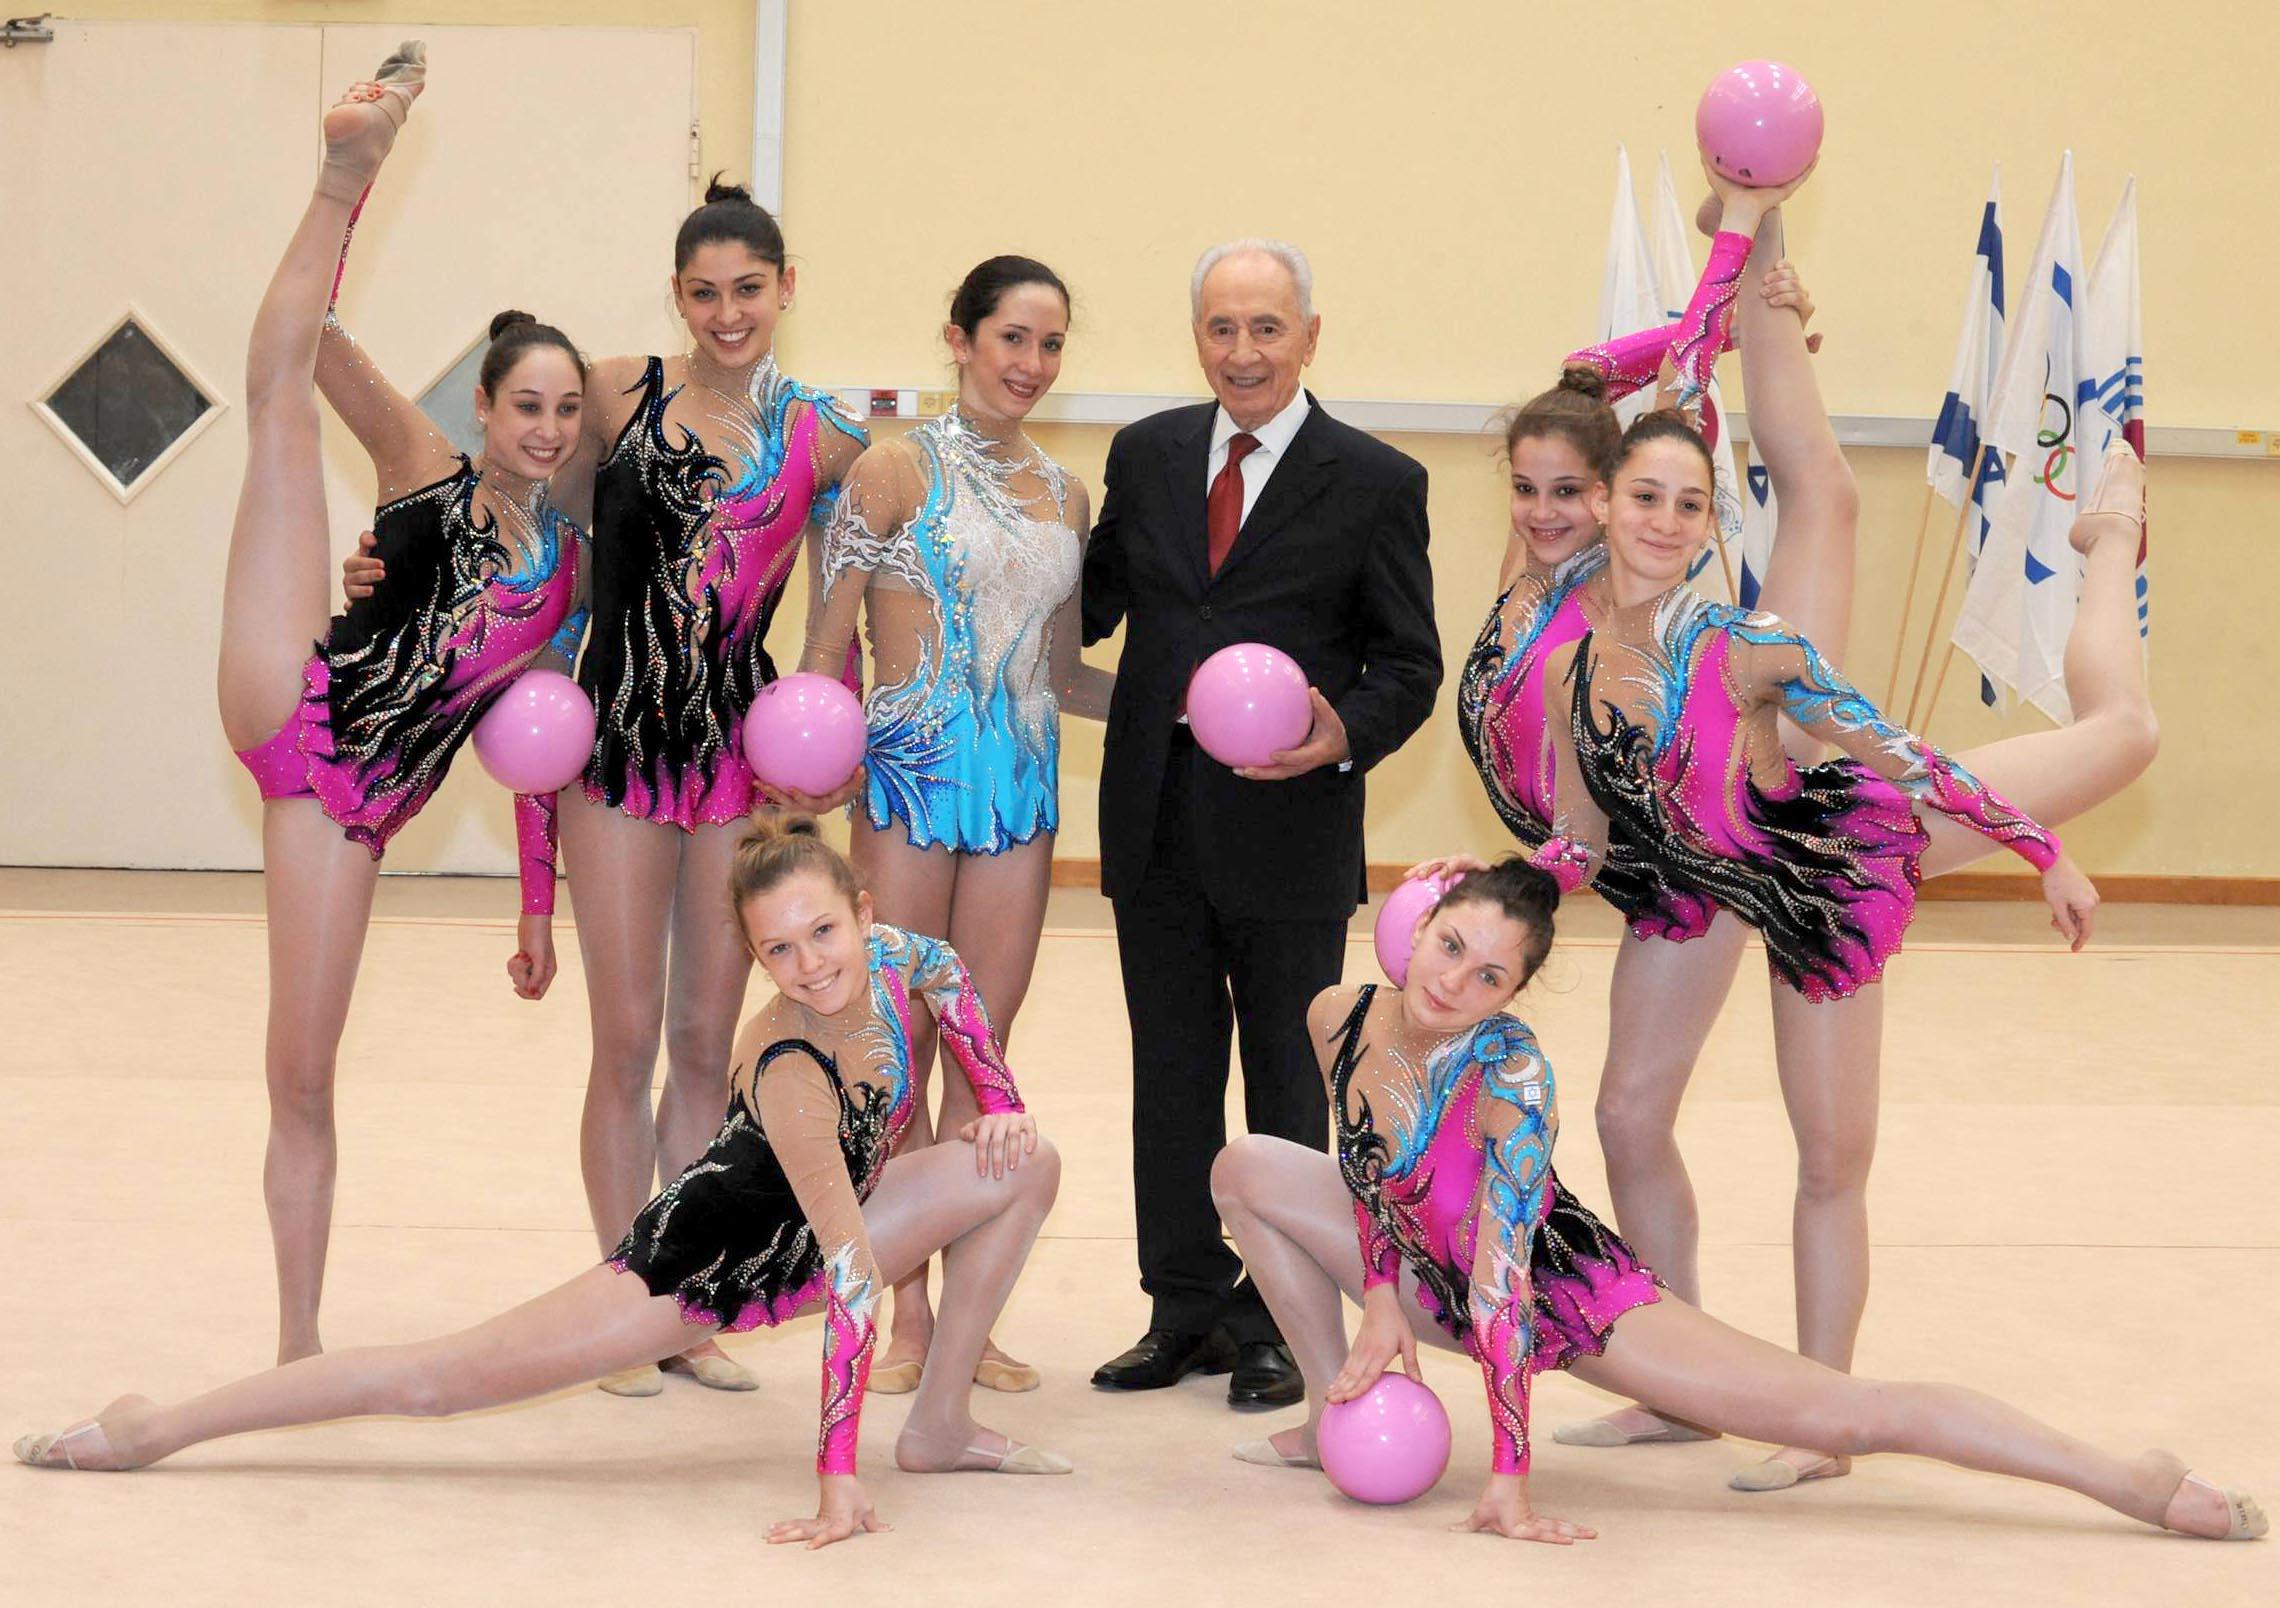 נשיא המדינה יוביל את ספורטאי ישראל לאולימפיאדת לונדון